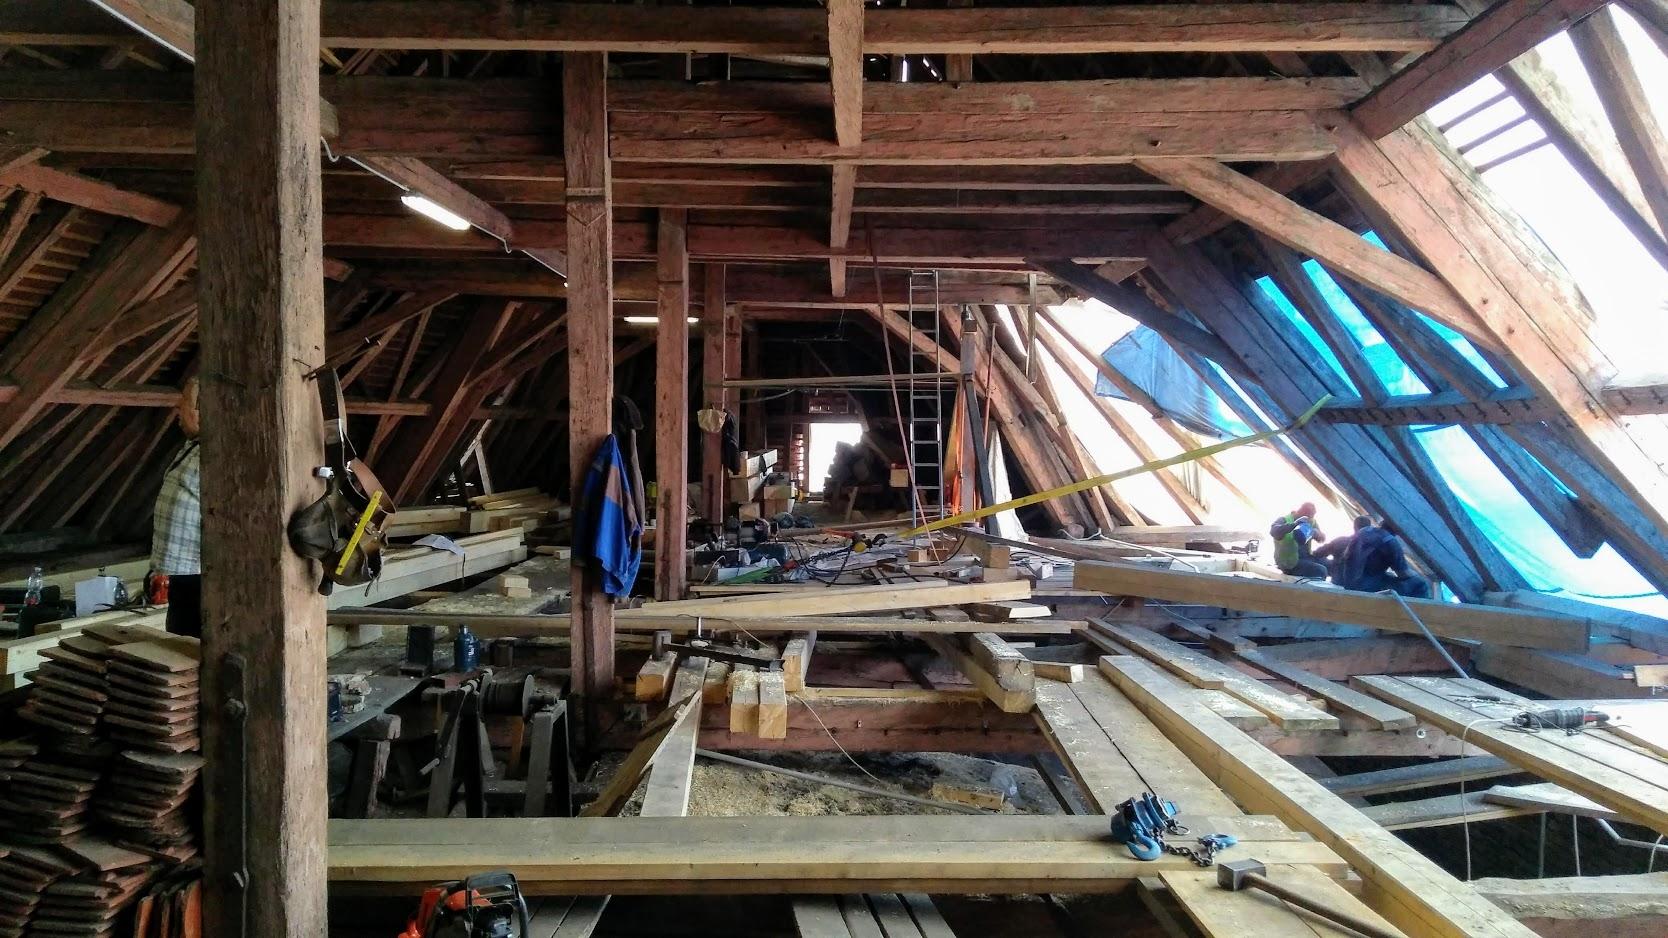 Rozsáhlá rekonstrukce střechy olomouckého muzea pokračuje zdroj foto: VMOL